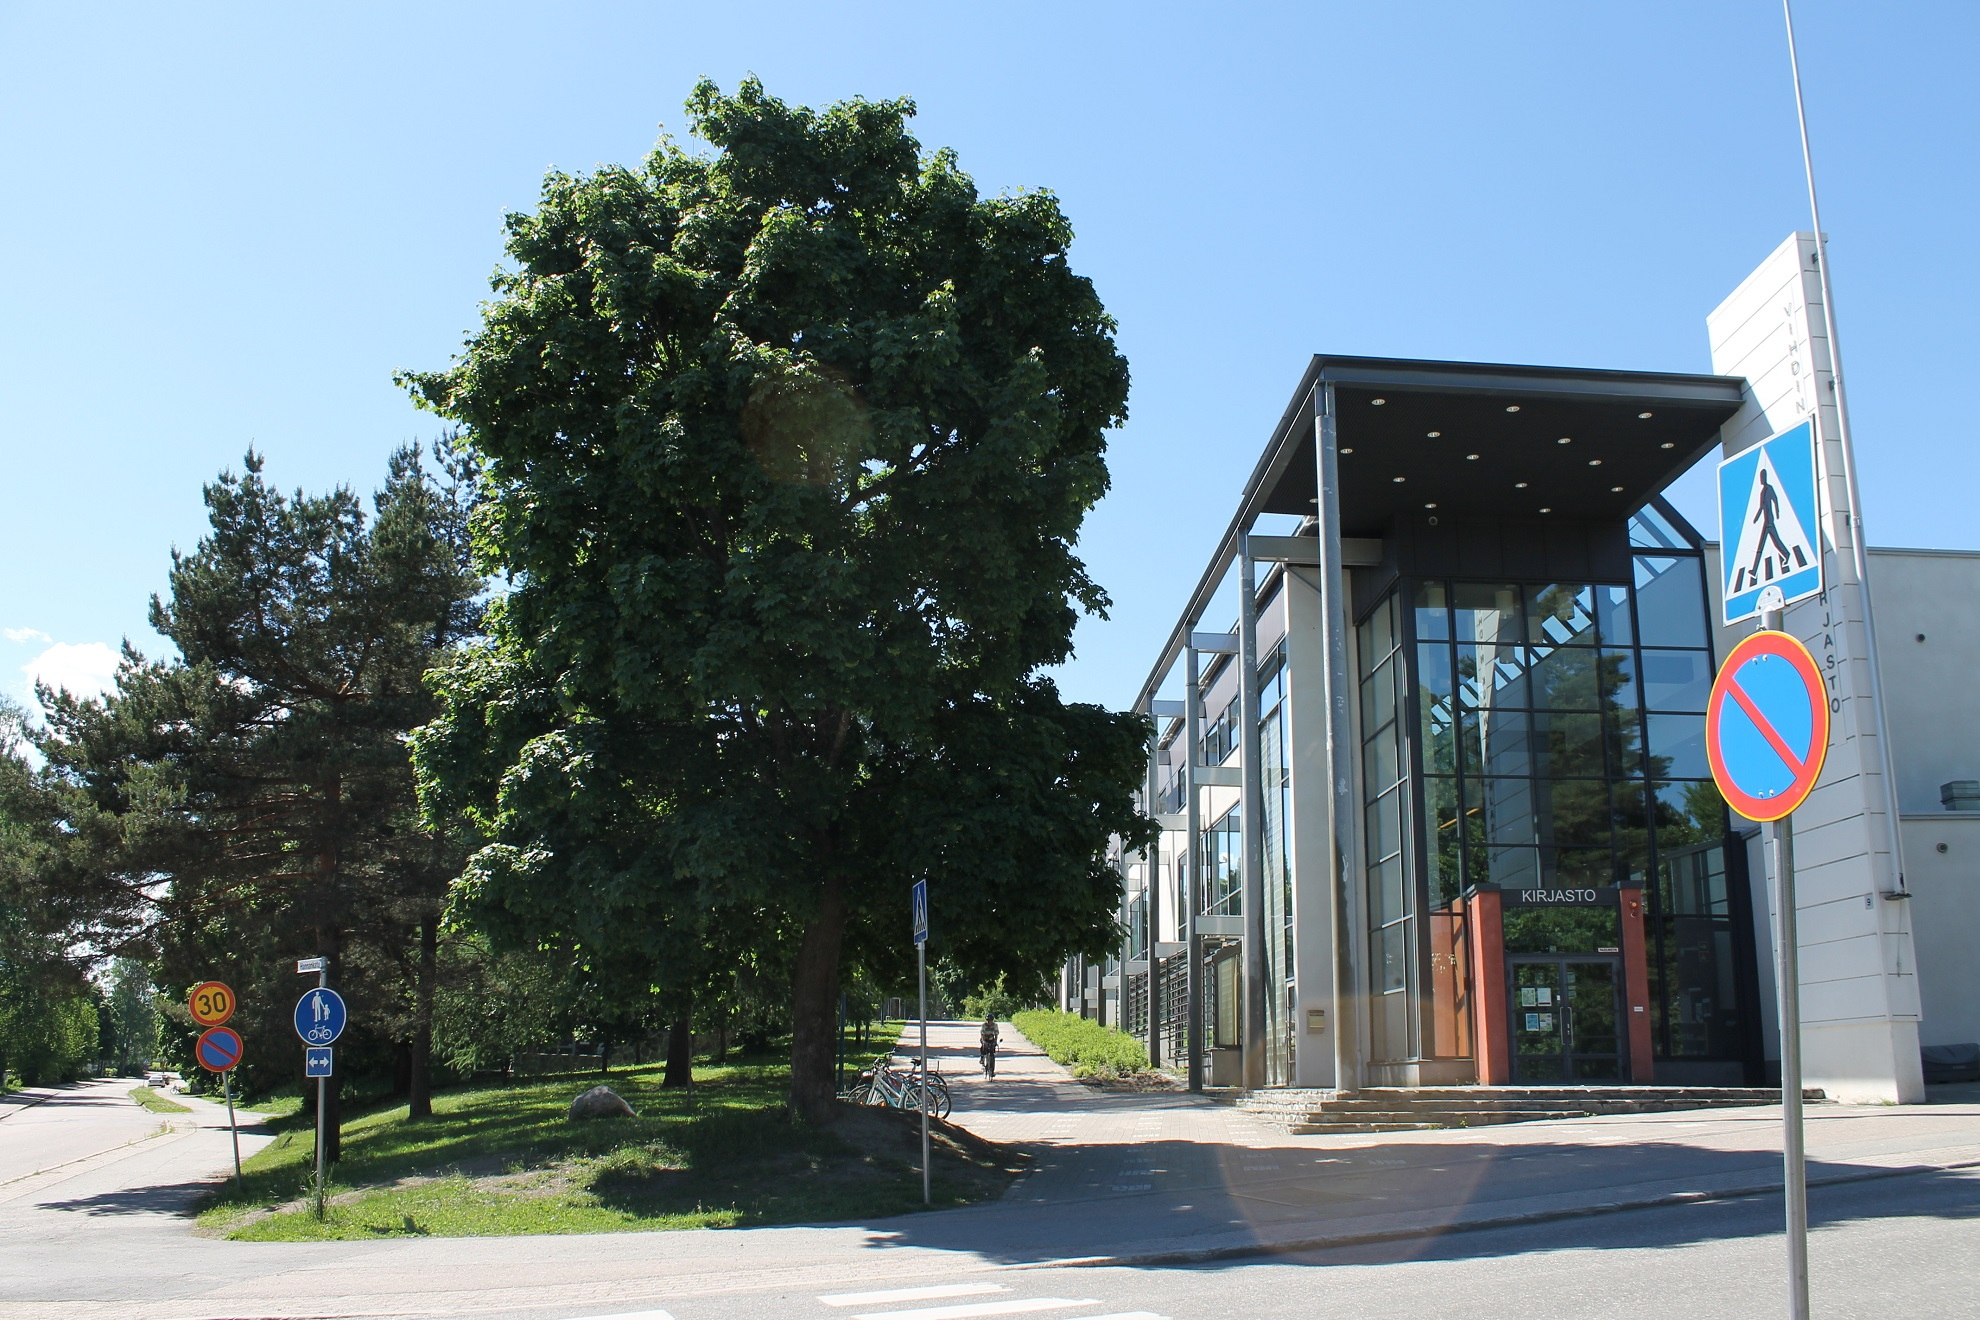 Nummela Kirjasto